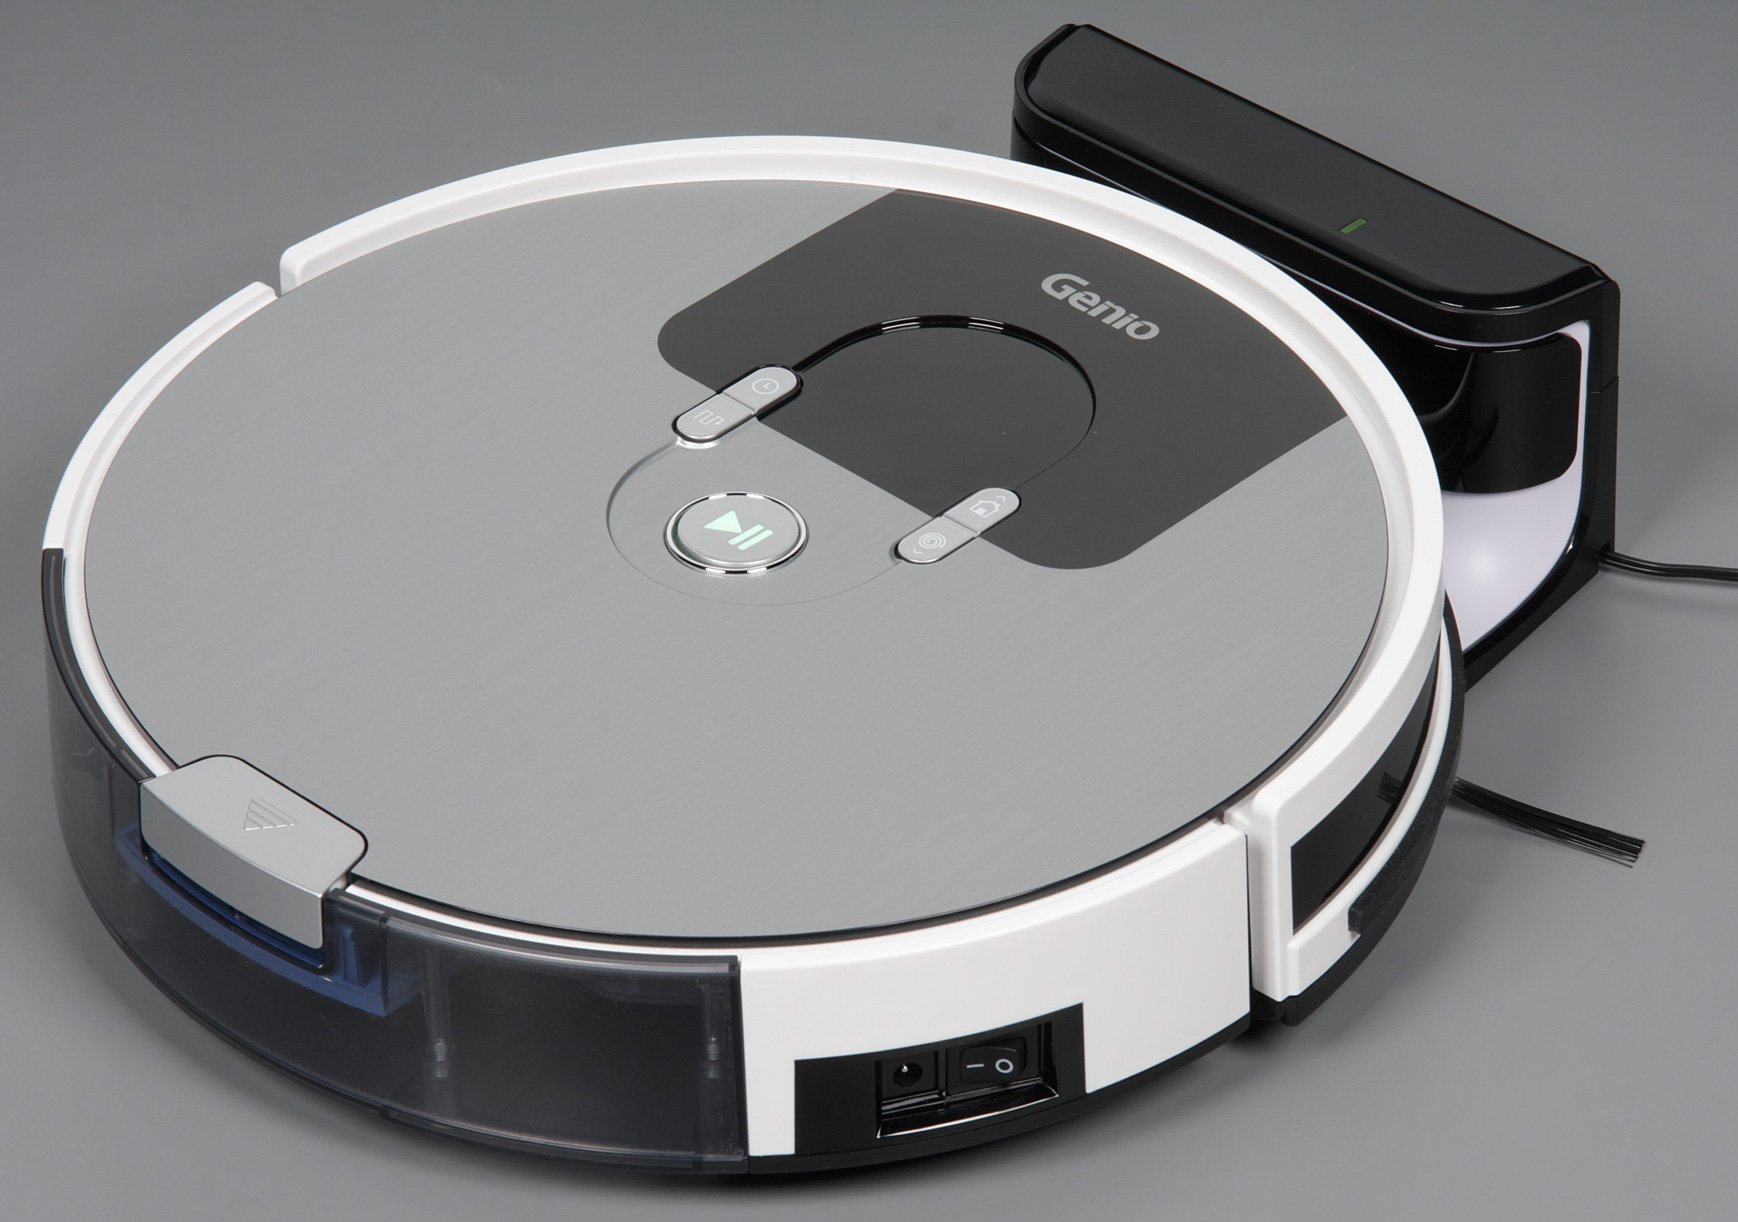 робот пылесос Genio Deluxe 500